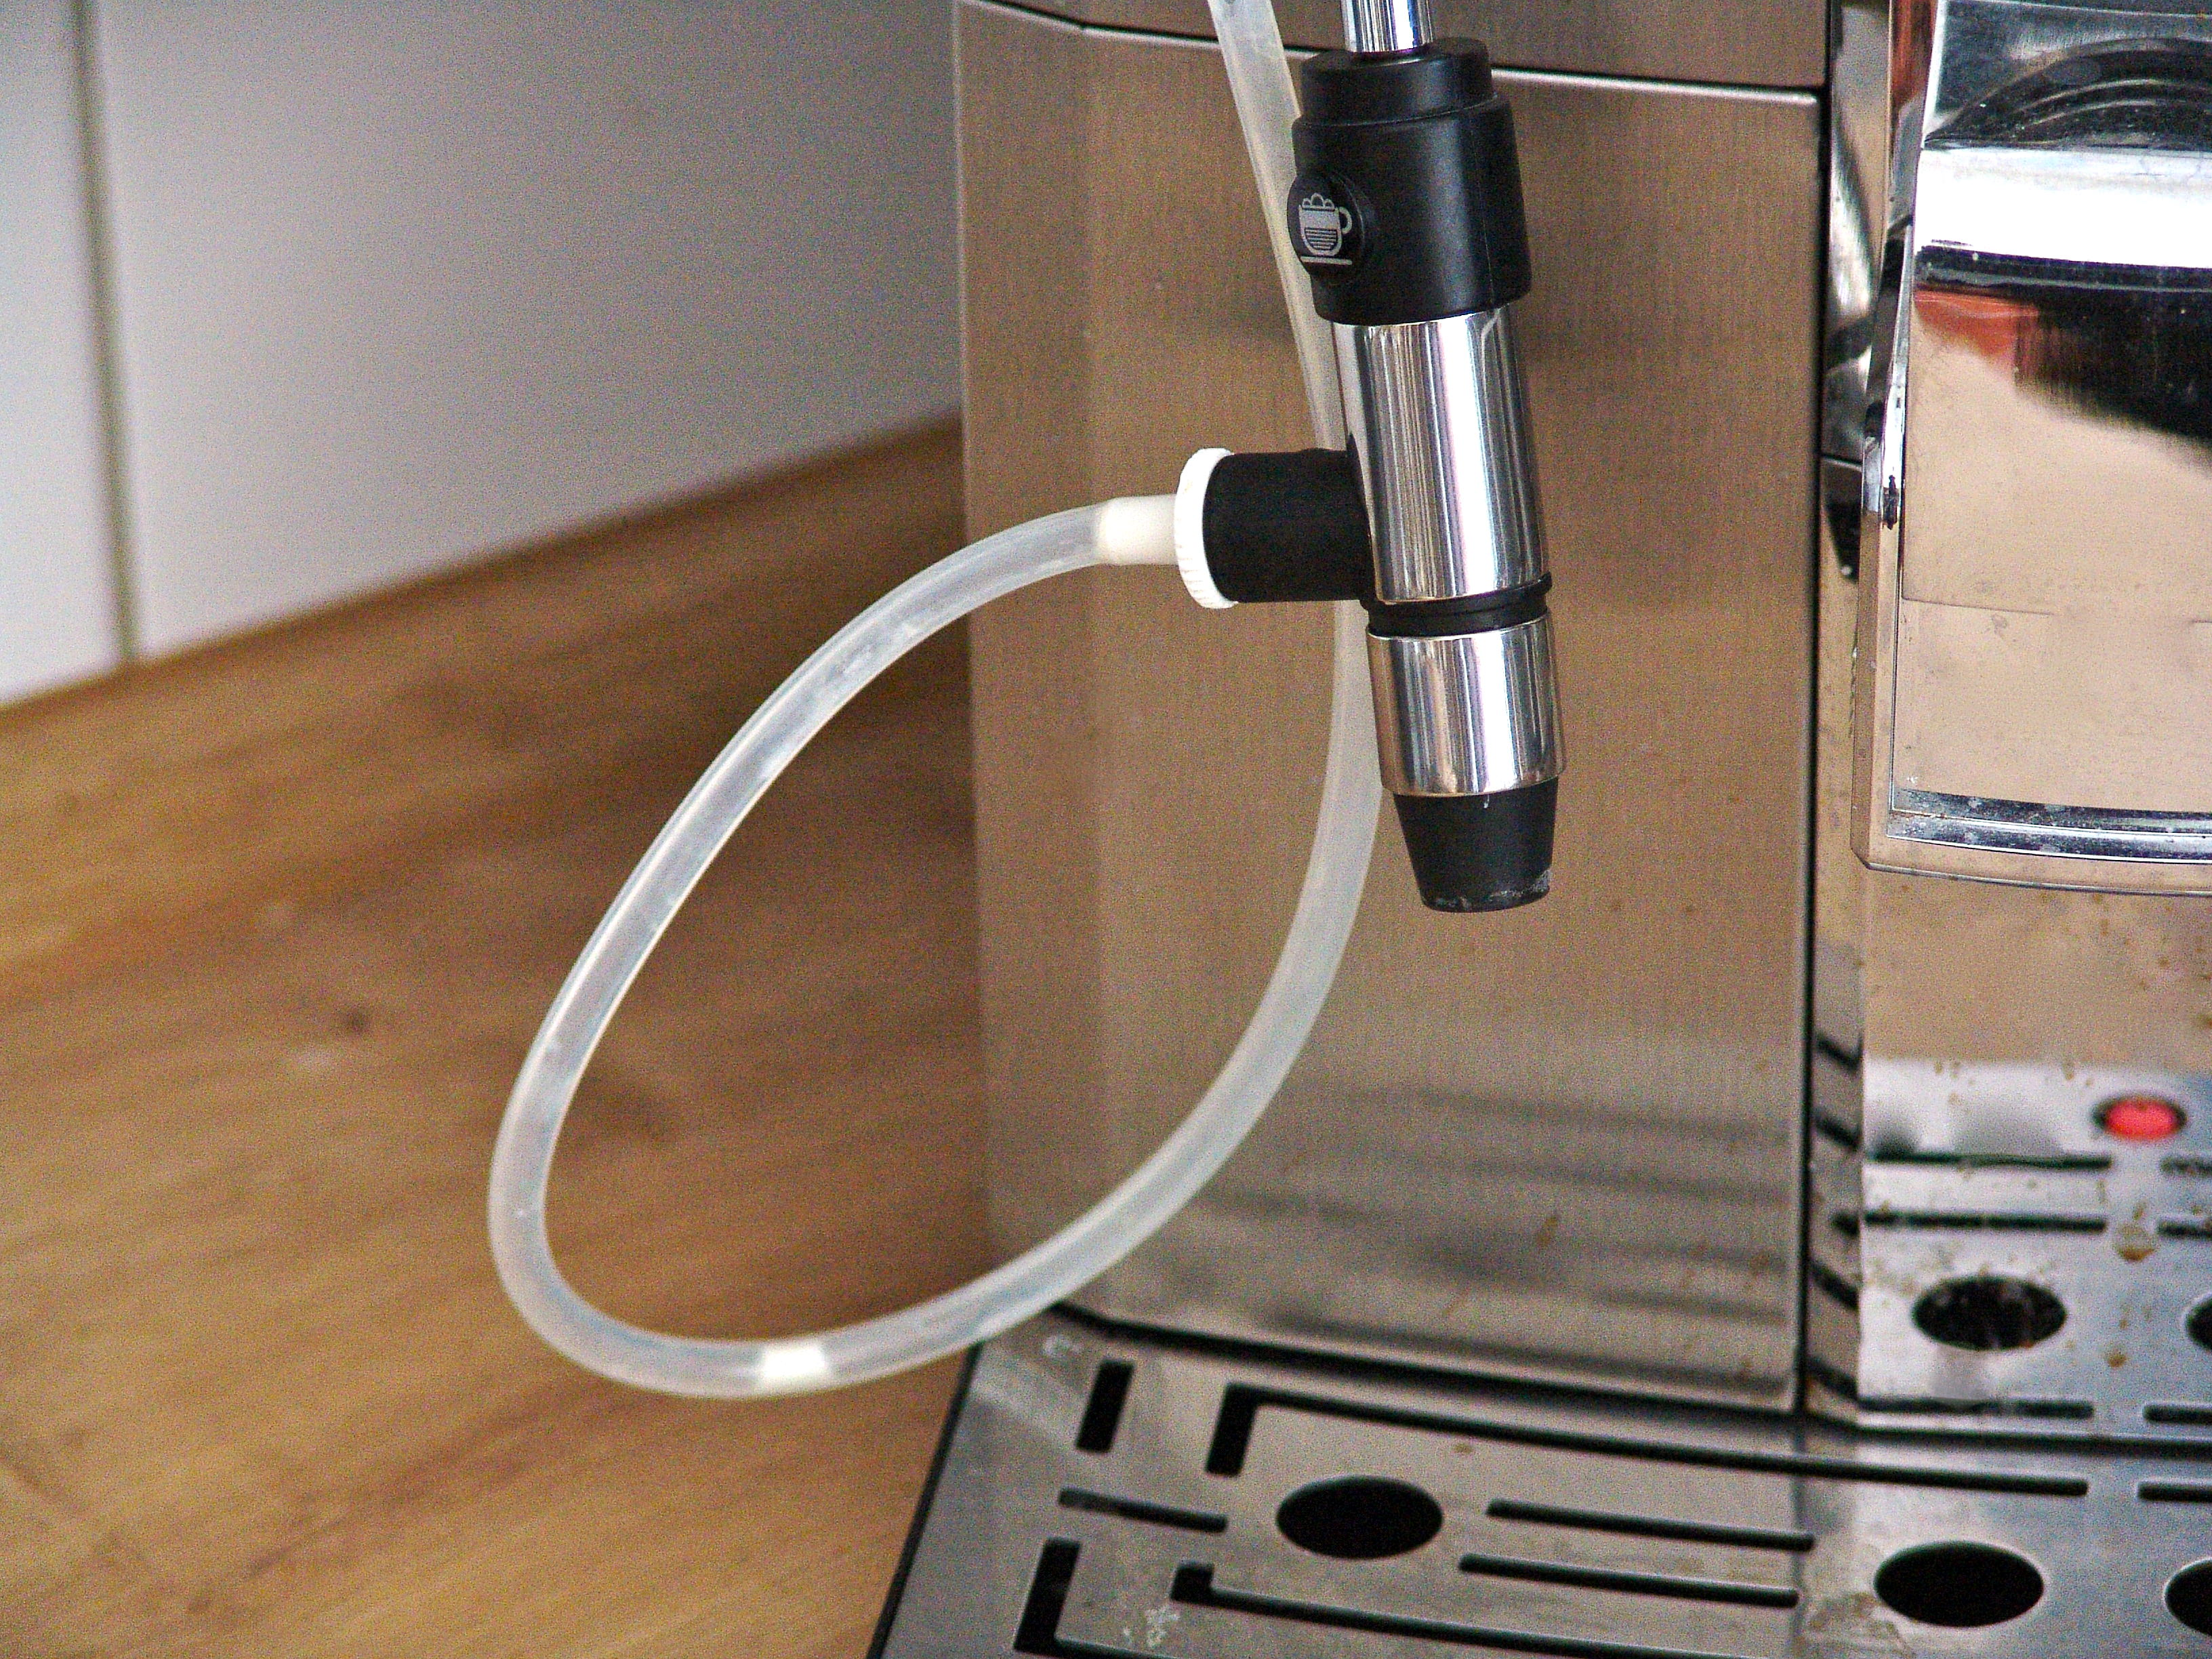 milchschlauch reinigen wie mache ich das richtig fragdenstein de. Black Bedroom Furniture Sets. Home Design Ideas